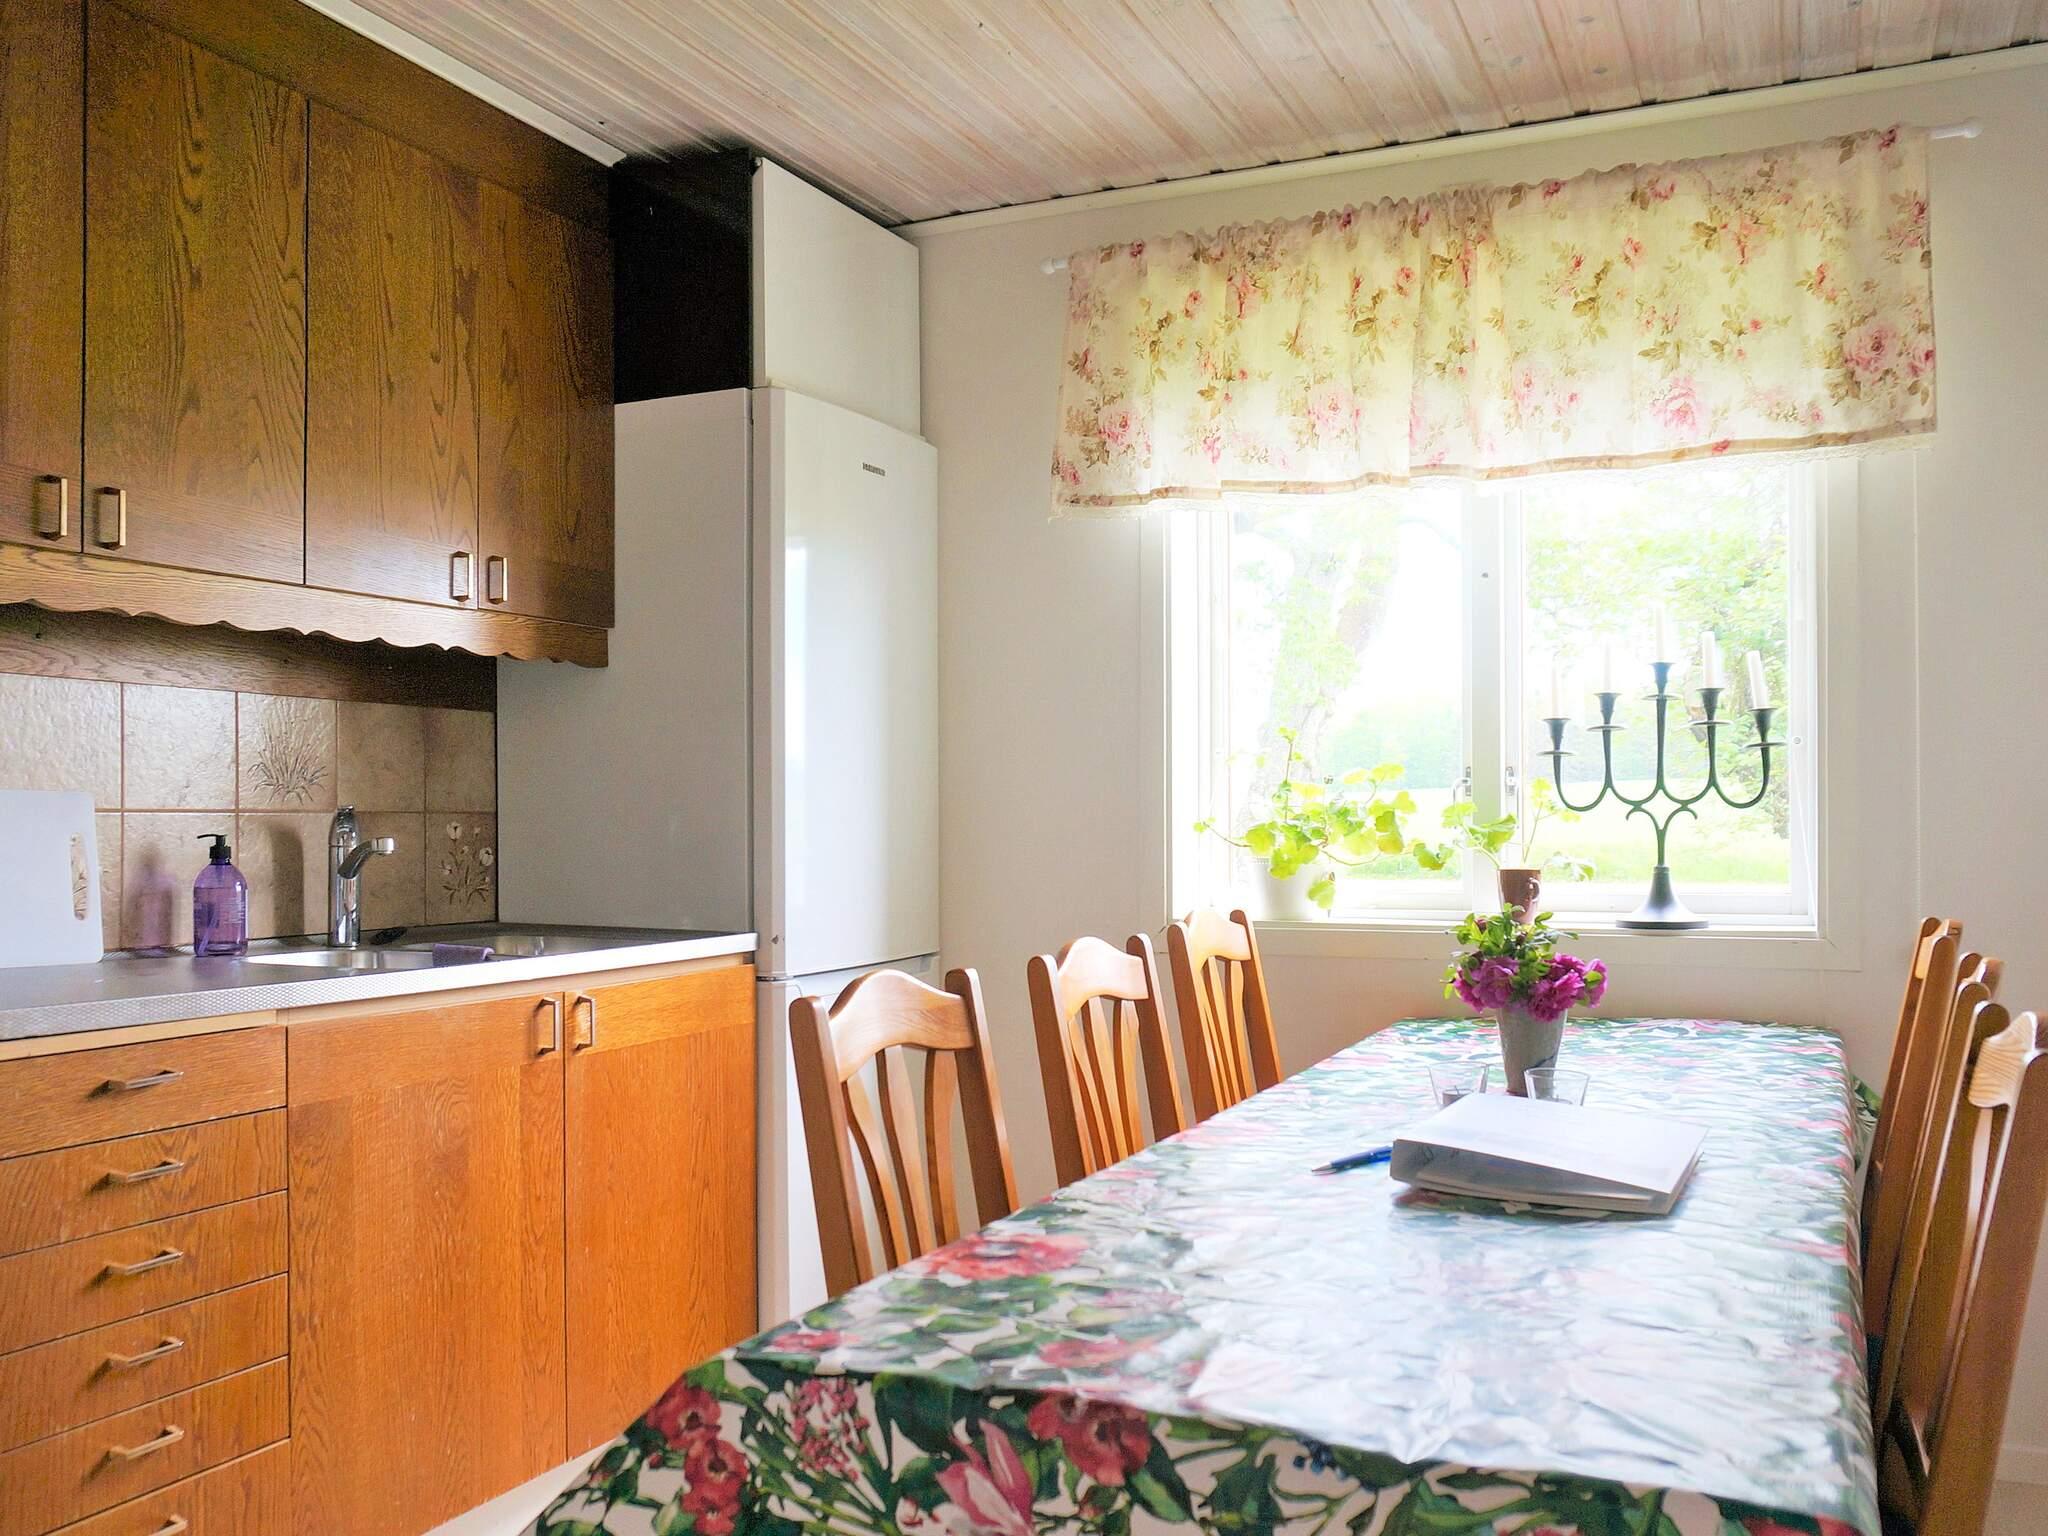 Ferienhaus Lidköping (2633224), Götene, Västra Götaland län, Westschweden, Schweden, Bild 2